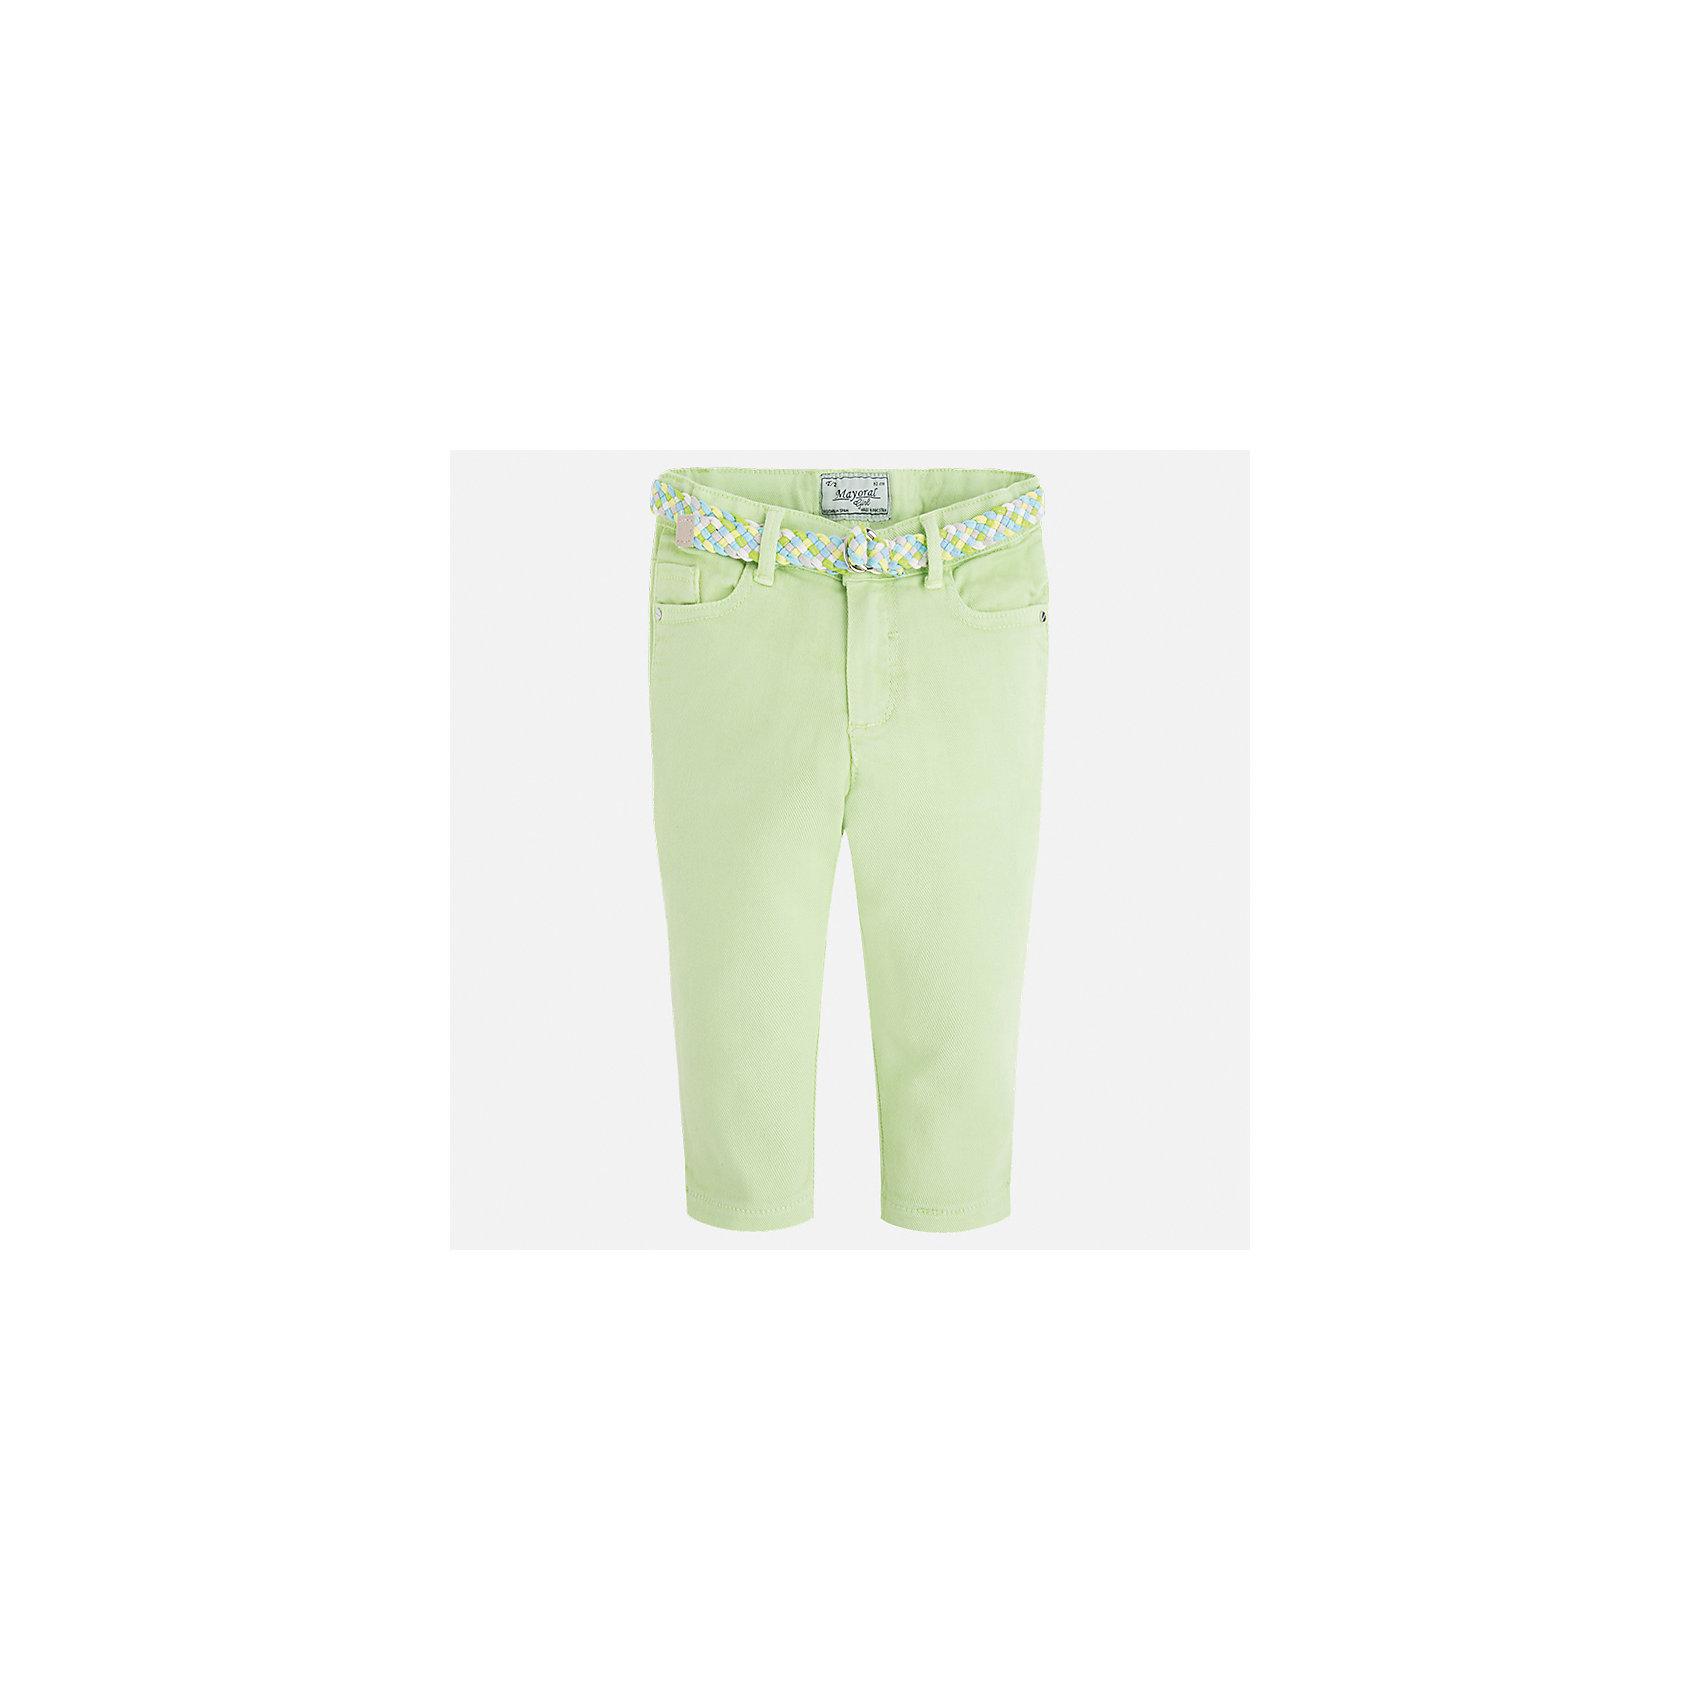 Брюки для девочки MayoralБрюки<br>Характеристики товара:<br><br>• цвет: зеленый<br>• состав: 98% хлопок, 2% эластан<br>• шлевки<br>• карманы<br>• пояс с регулировкой объема<br>• пастельный оттенок<br>• страна бренда: Испания<br><br>Модные легкие брюки для девочки смогут разнообразить гардероб ребенка и украсить наряд. Они отлично сочетаются с майками, футболками, блузками. Красивый оттенок позволяет подобрать к вещи верх разных расцветок. Интересный крой модели делает её нарядной и оригинальной. В составе материала - натуральный хлопок, гипоаллергенный, приятный на ощупь, дышащий.<br><br>Одежда, обувь и аксессуары от испанского бренда Mayoral полюбились детям и взрослым по всему миру. Модели этой марки - стильные и удобные. Для их производства используются только безопасные, качественные материалы и фурнитура. Порадуйте ребенка модными и красивыми вещами от Mayoral! <br><br>Брюки для девочки от испанского бренда Mayoral (Майорал) можно купить в нашем интернет-магазине.<br><br>Ширина мм: 215<br>Глубина мм: 88<br>Высота мм: 191<br>Вес г: 336<br>Цвет: зеленый<br>Возраст от месяцев: 96<br>Возраст до месяцев: 108<br>Пол: Женский<br>Возраст: Детский<br>Размер: 134,92,98,104,110,116,122,128<br>SKU: 5290305